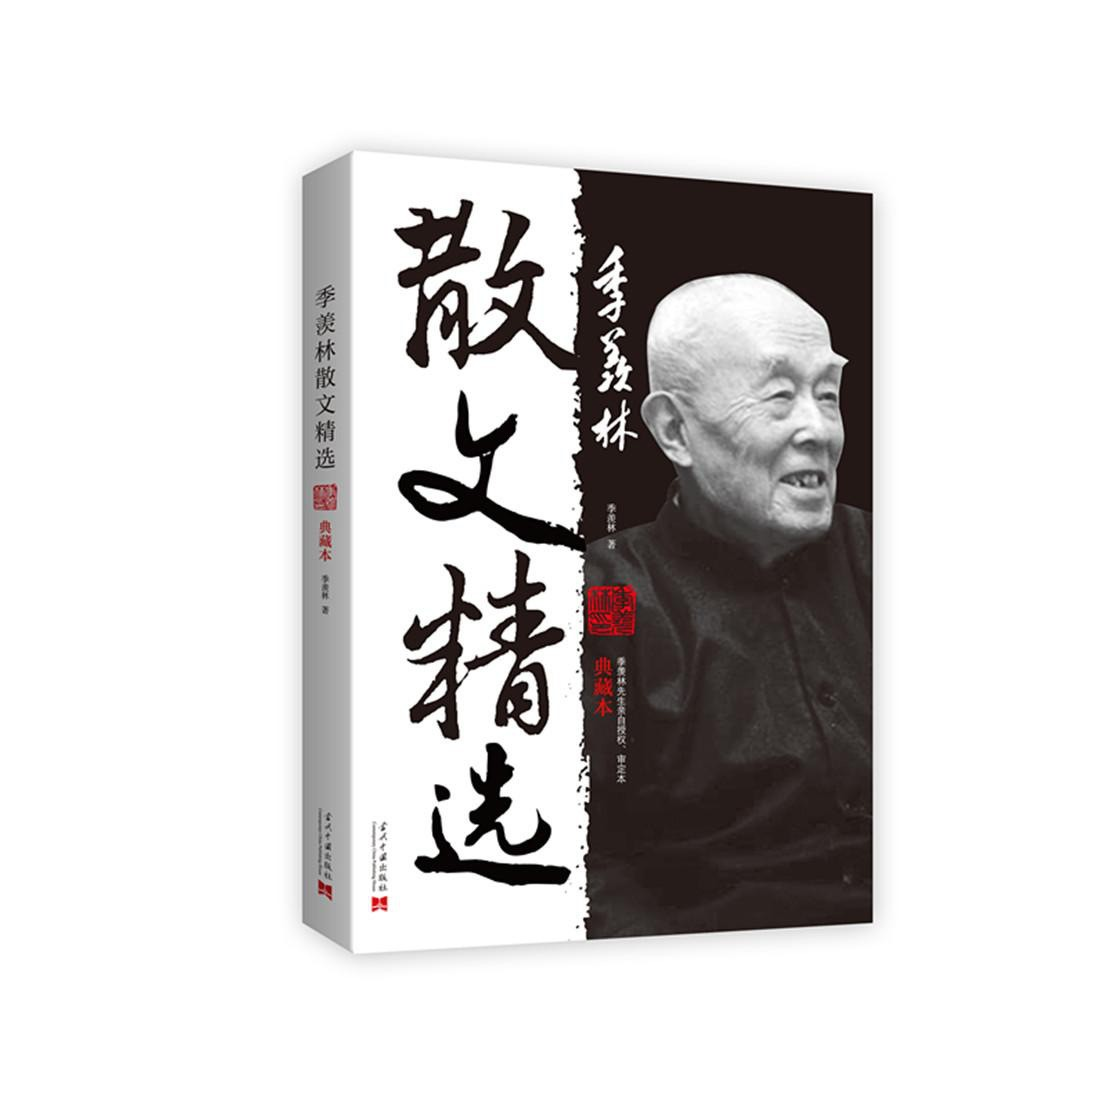 季羡林散文精选(典藏本) 怎么样 - 亚米网